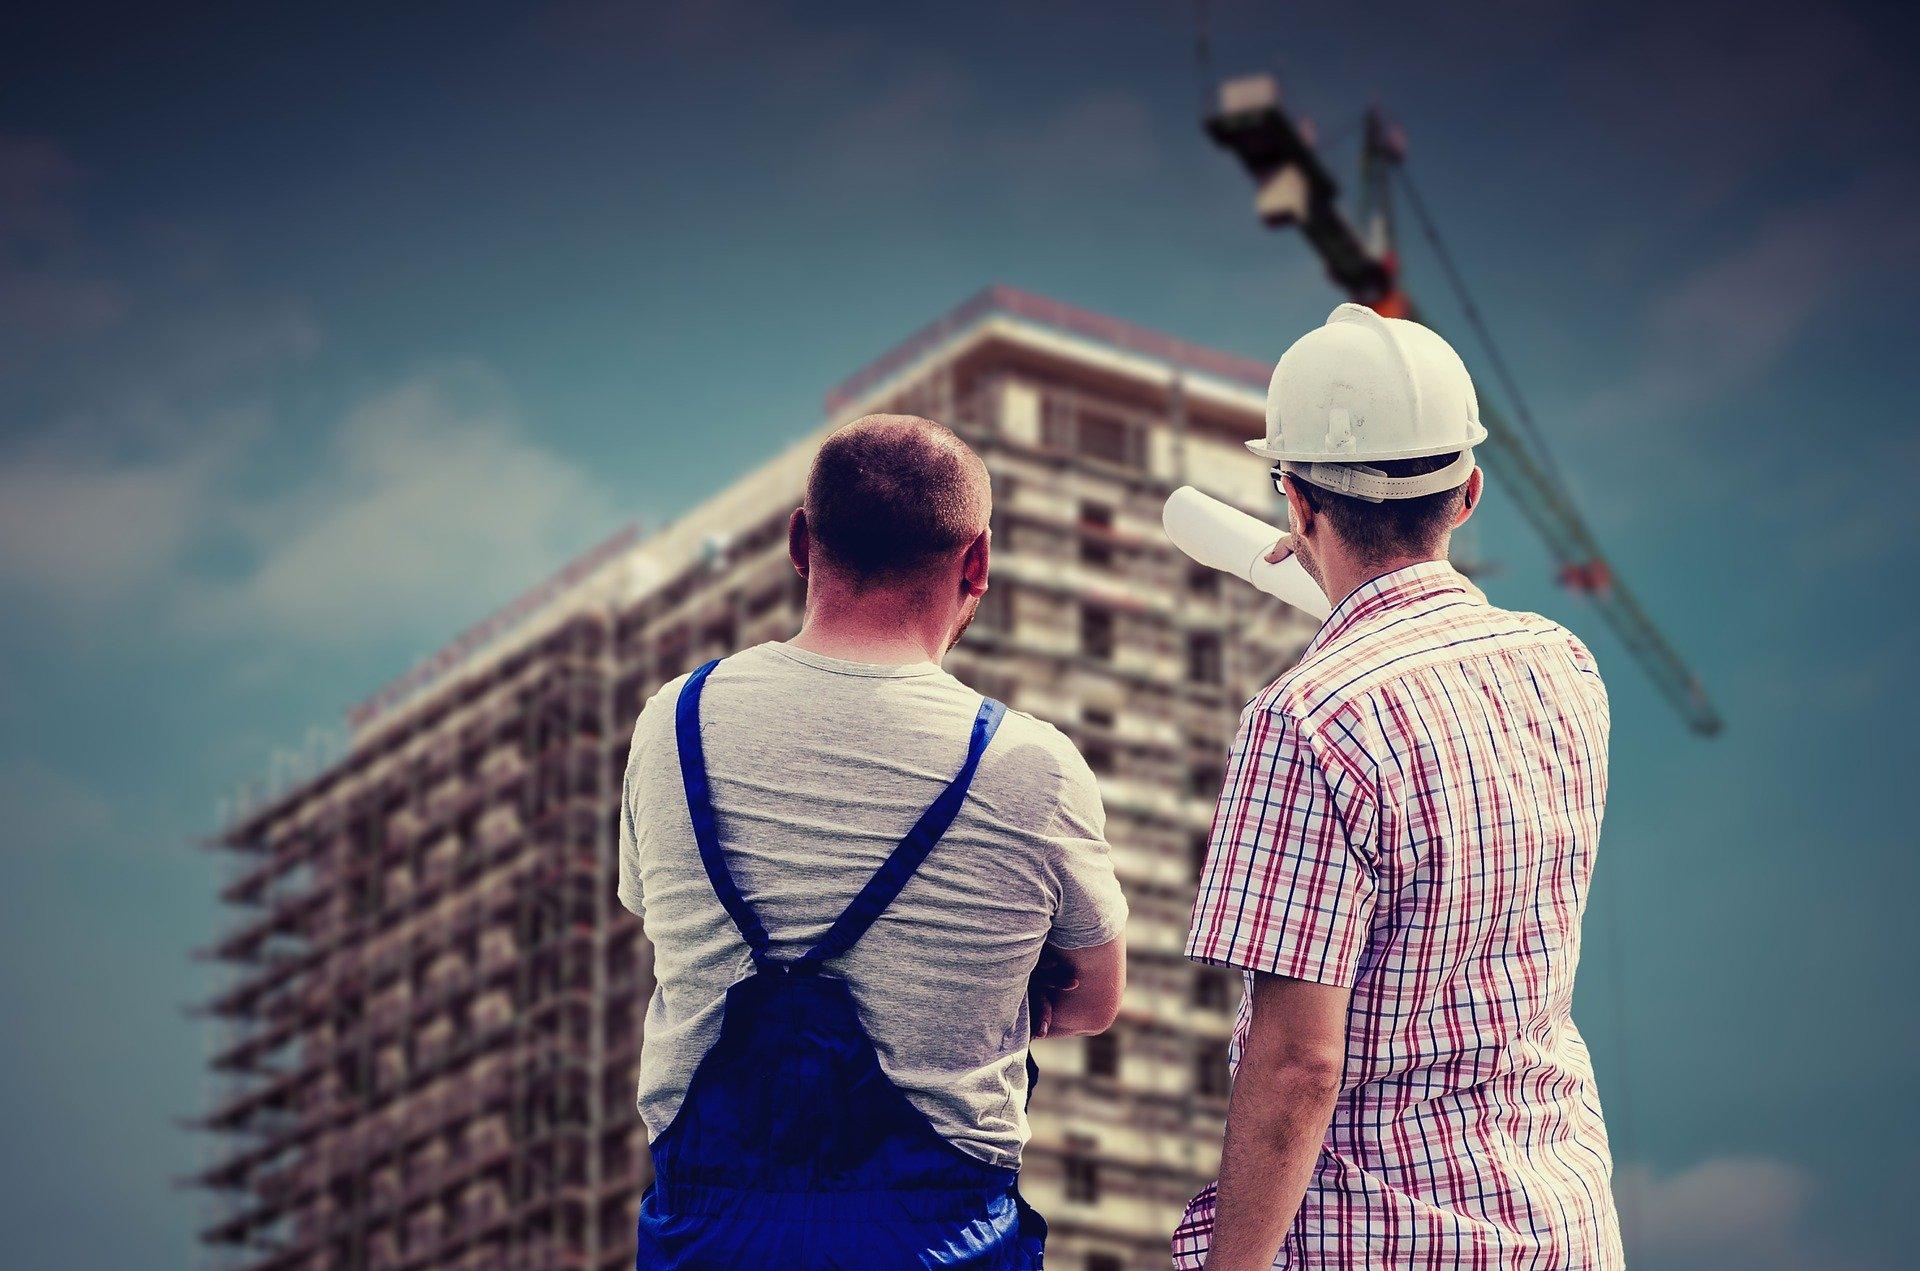 Szukasz mieszania lub planujesz remont? - Zdjęcie główne